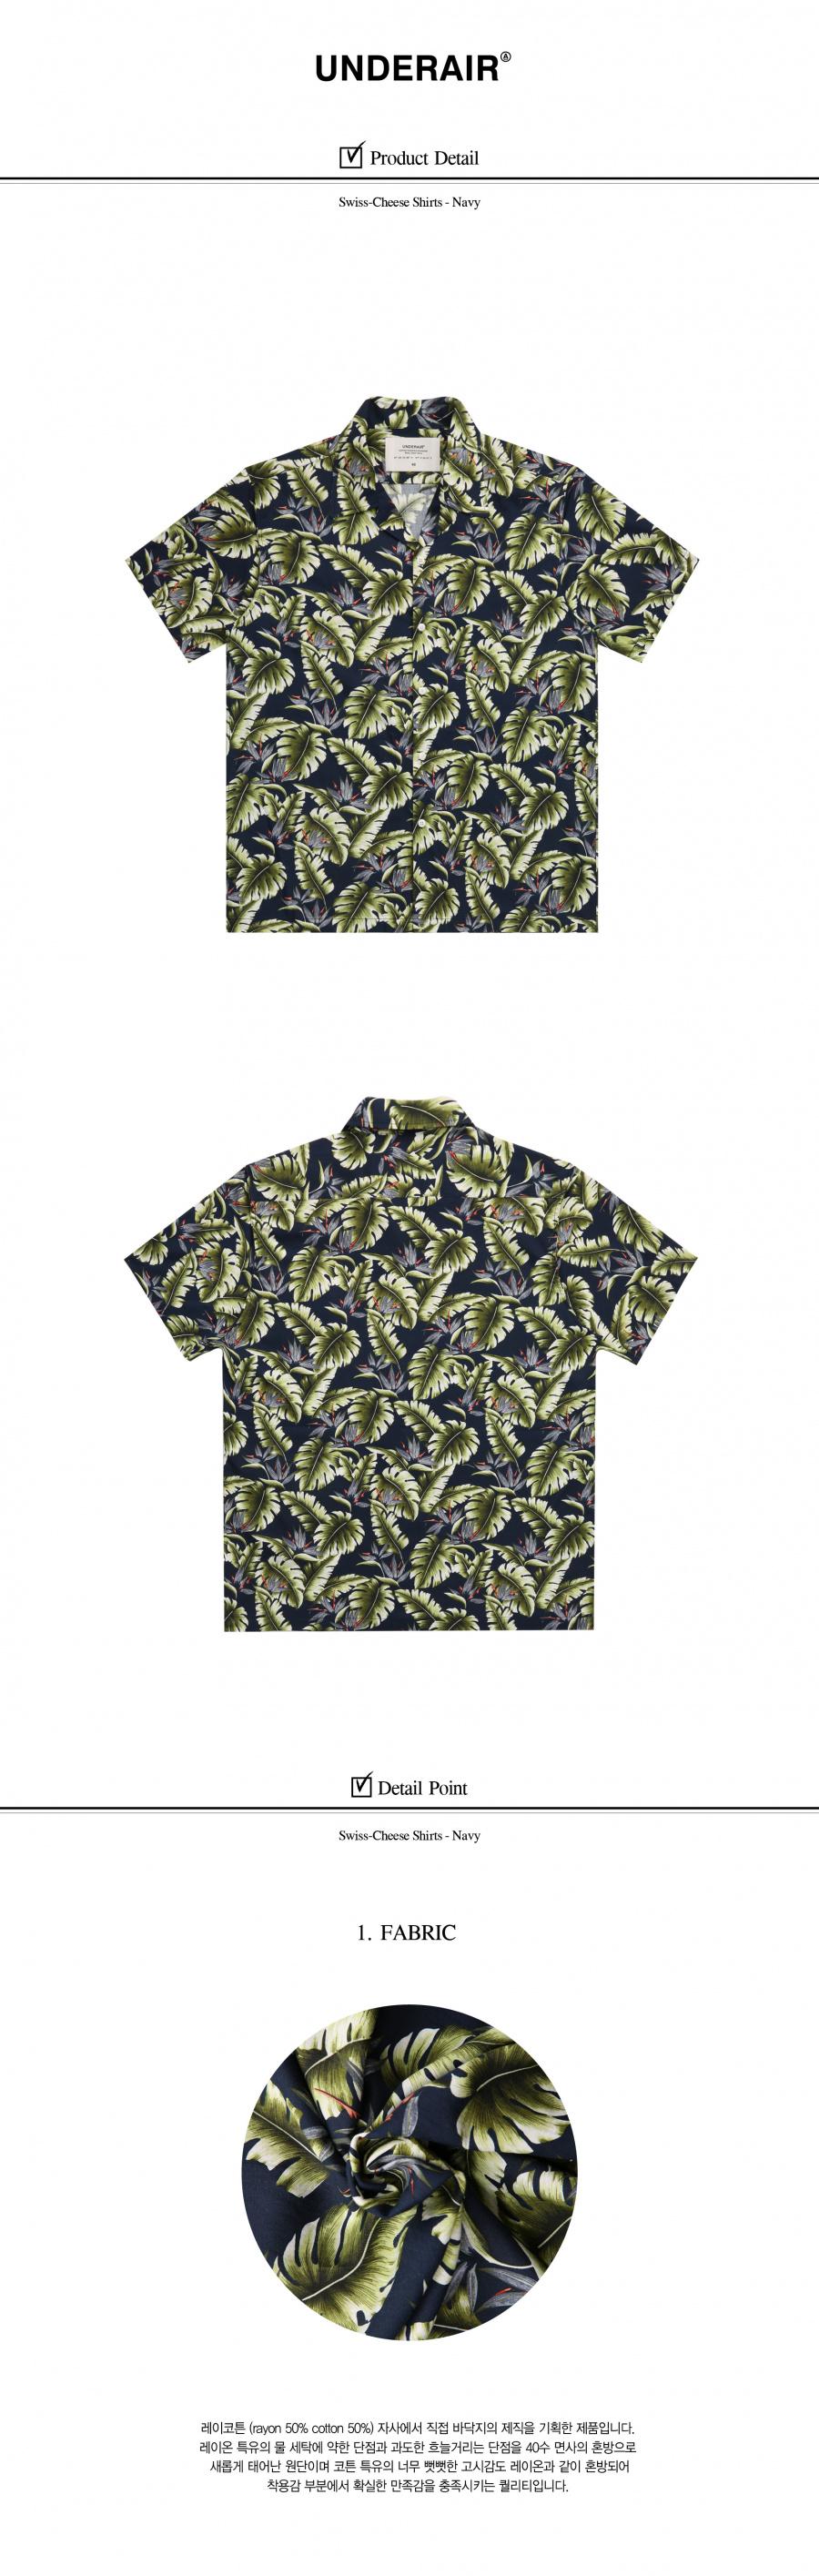 언더에어(UNDERAIR) Swiss-Cheese Shirts-Navy